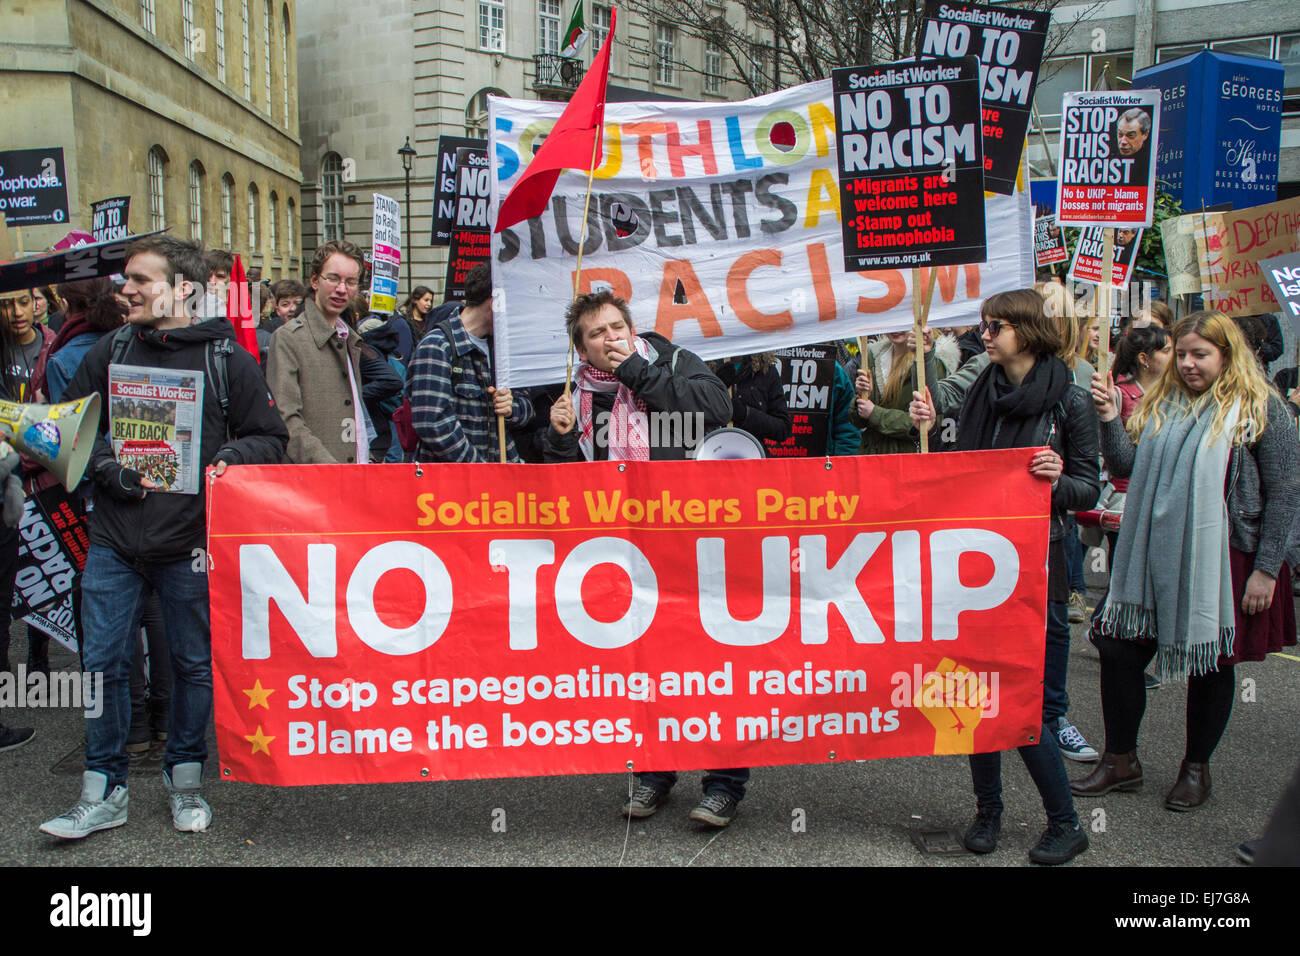 Londres, Reino Unido, 21 de marzo de 2015: los manifestantes en el Stand Hasta el racismo y el fascismo manifestación. Imagen De Stock